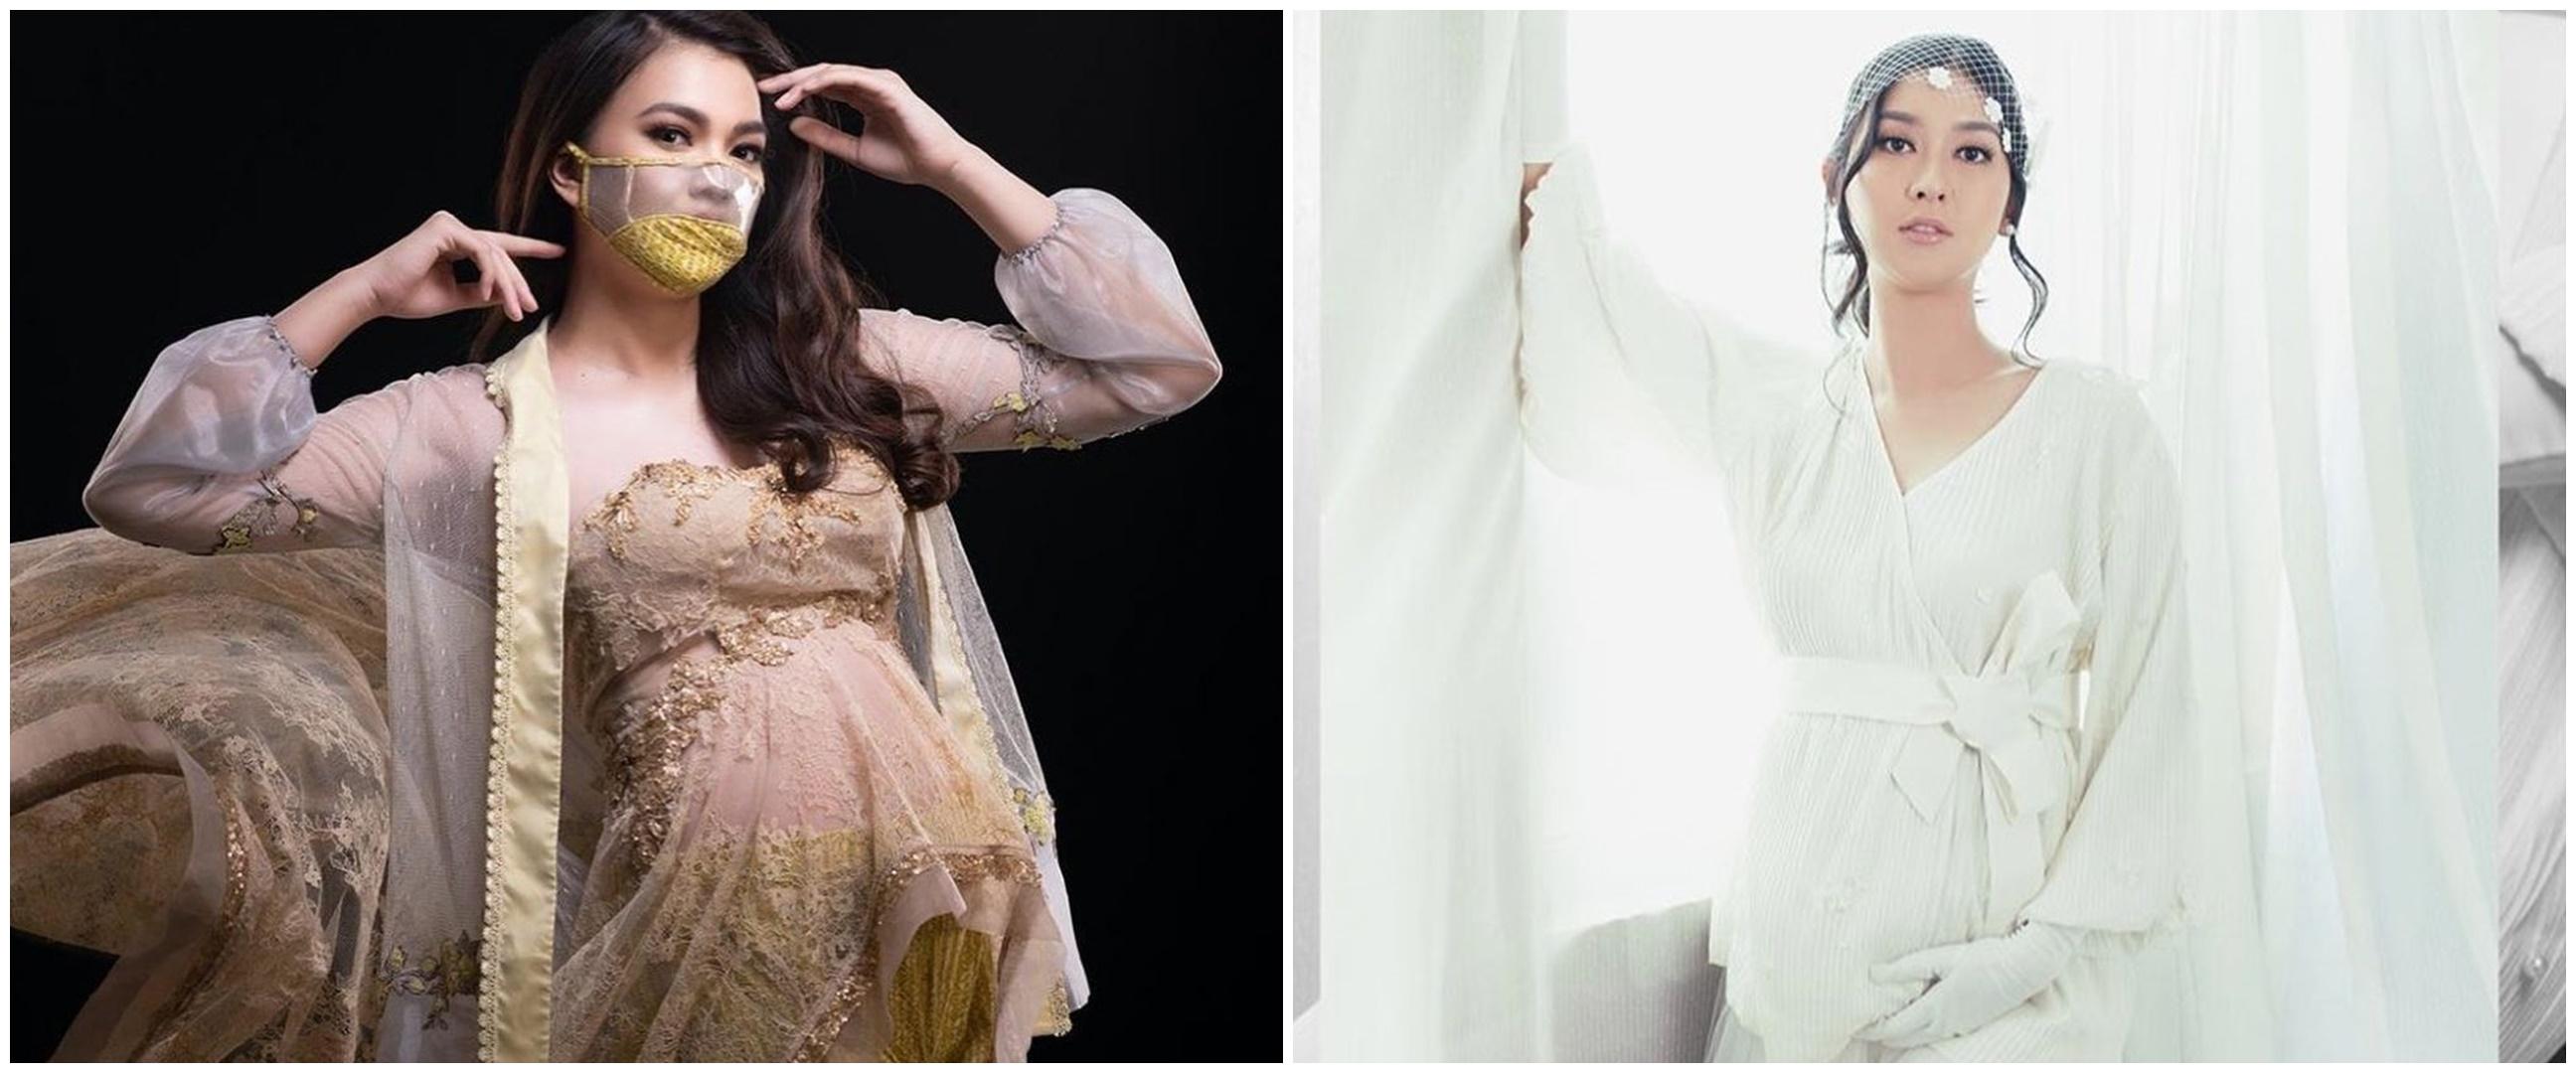 Gaya pemotretan maternity 7 Puteri Indonesia, auranya terpancar